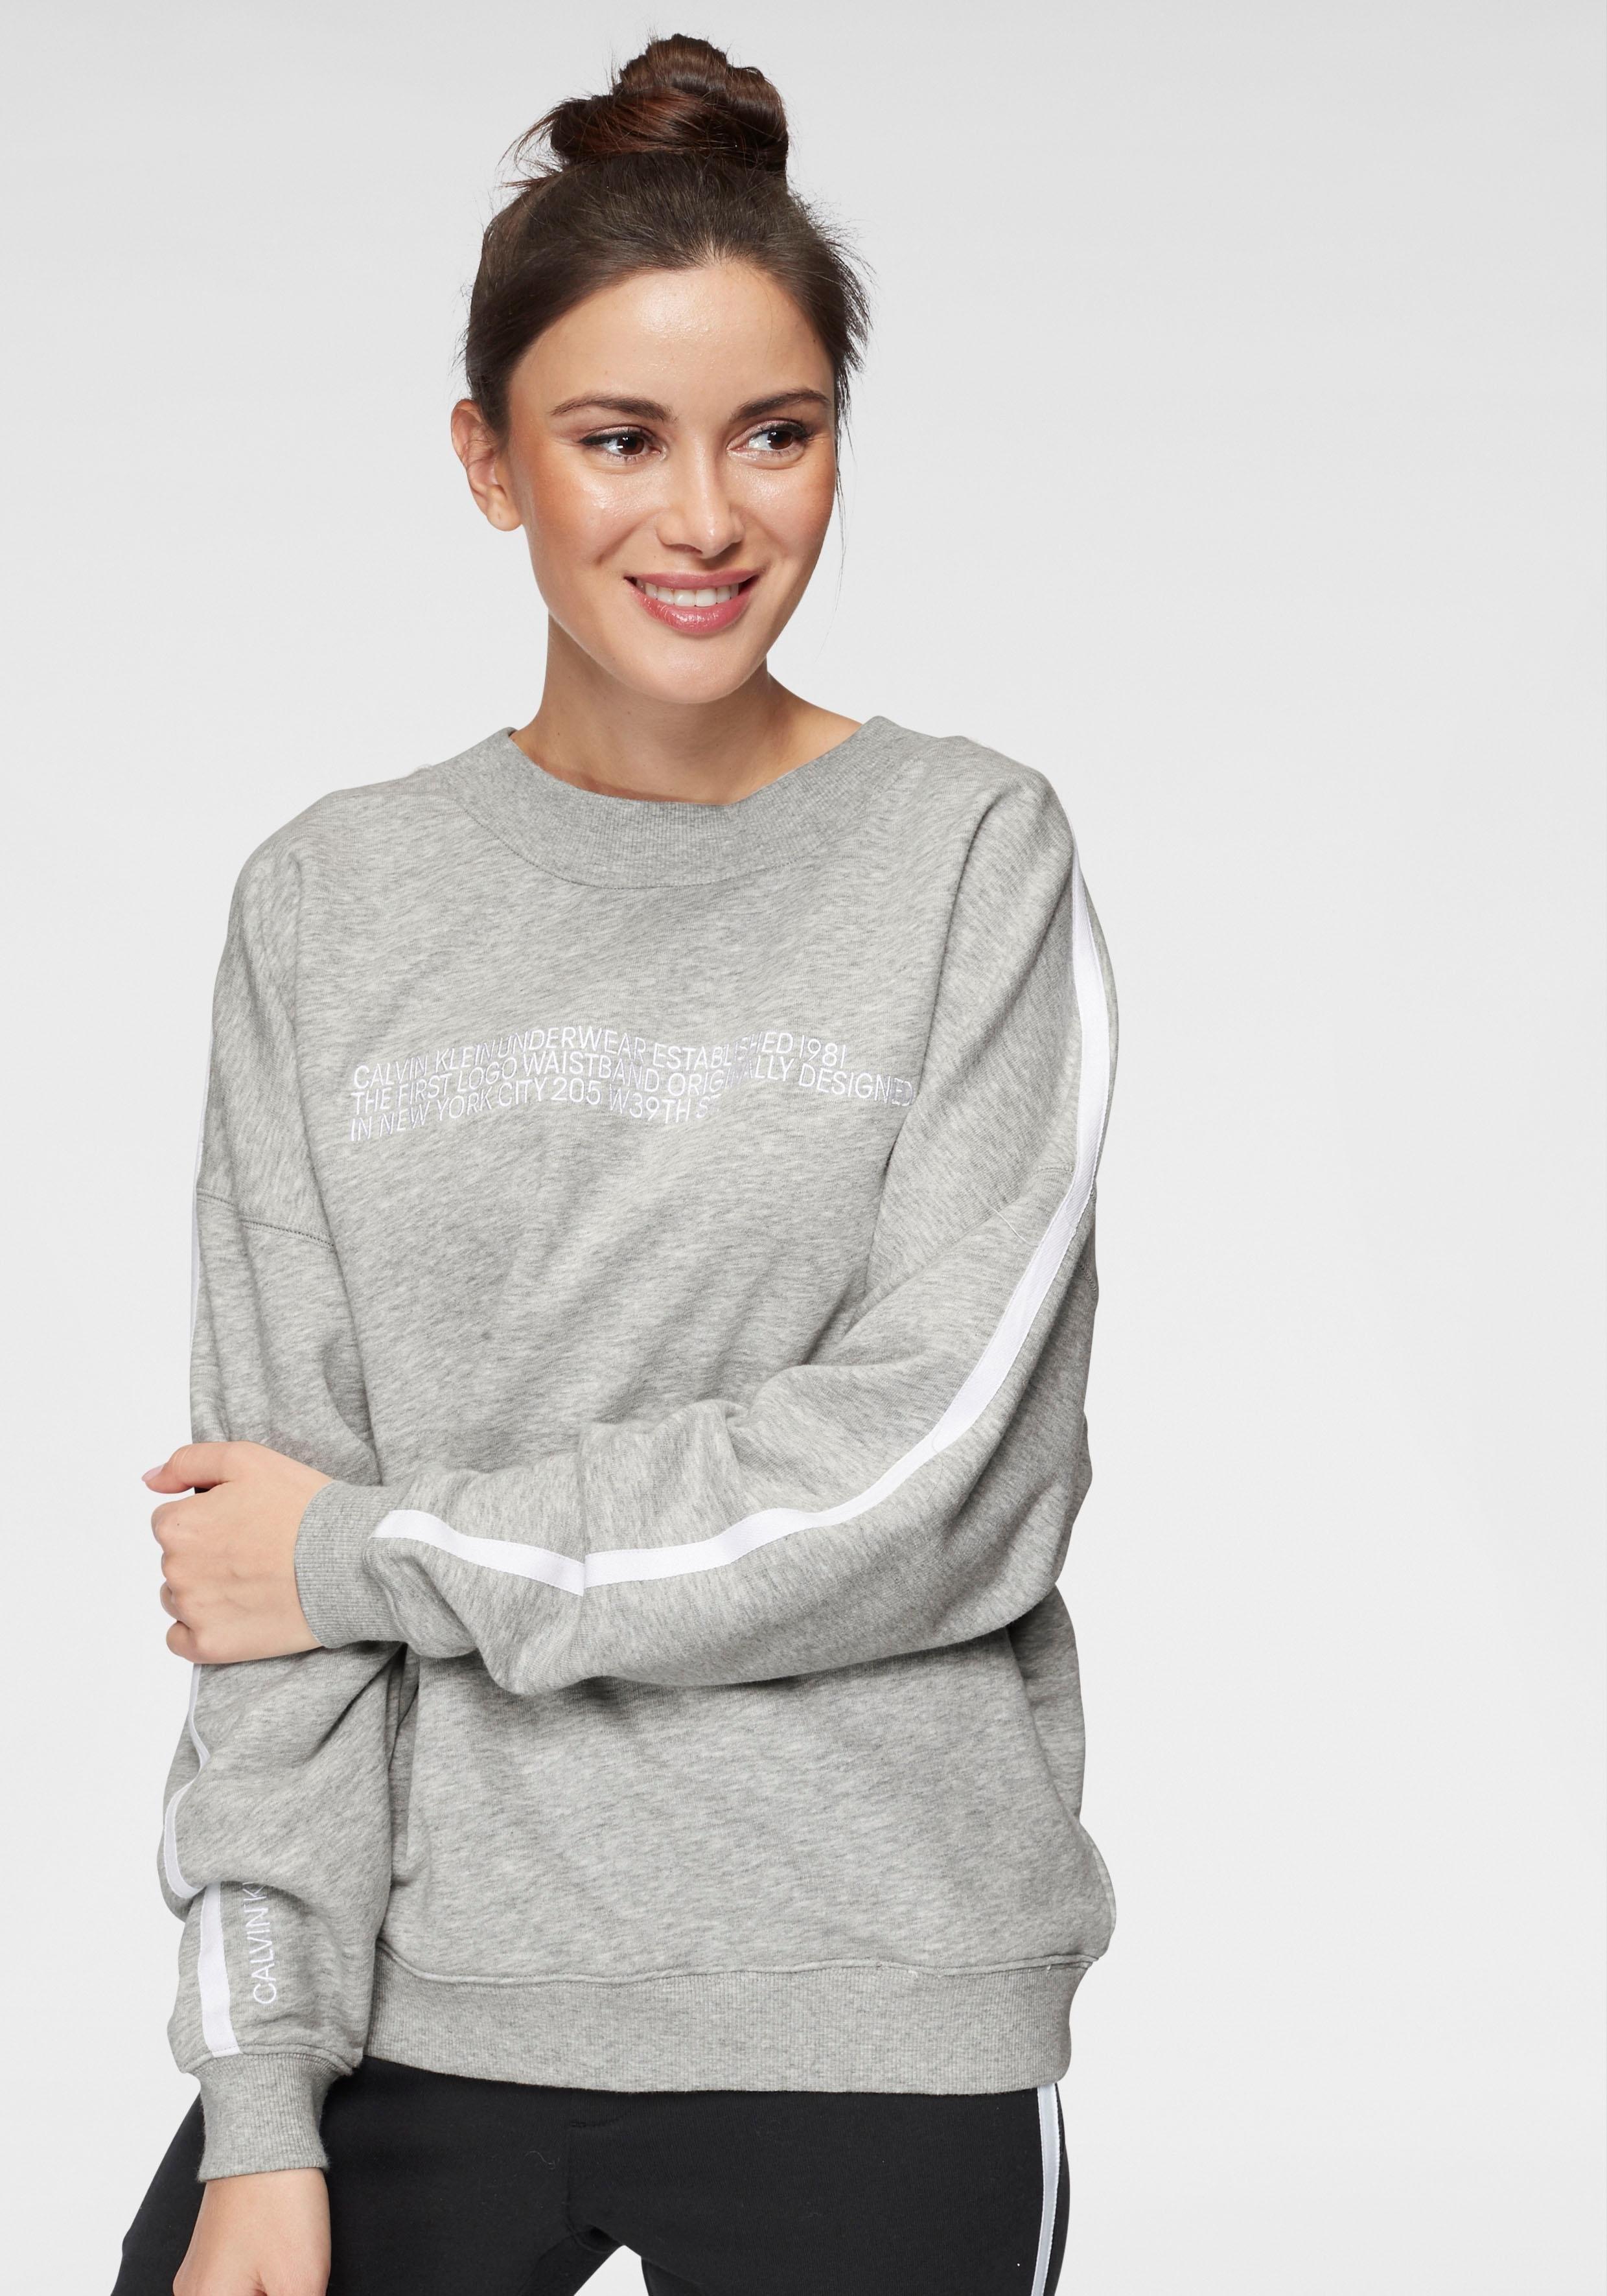 Op zoek naar een Calvin Klein sweatshirt? Koop online bij Lascana